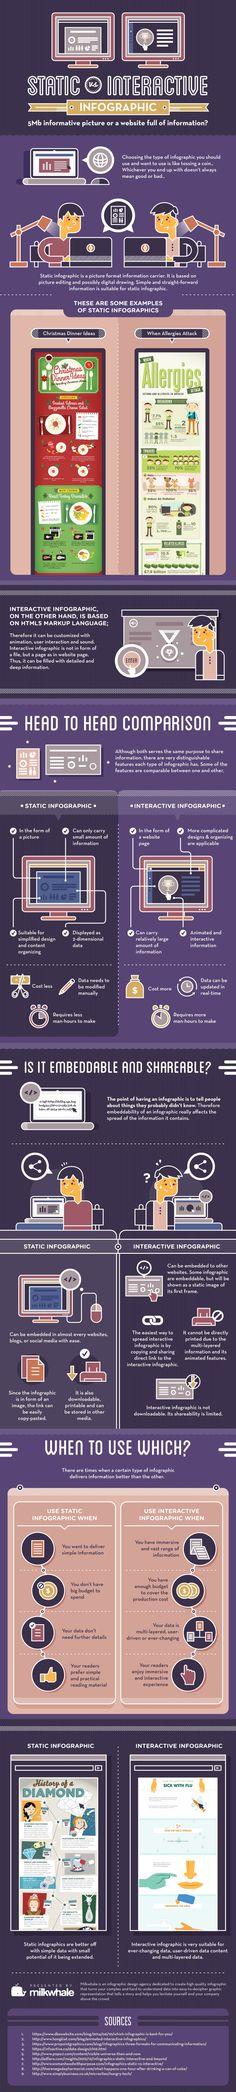 Infografías estáticas vs interactivas #infografia #infographic #marketing   TICs y Formación